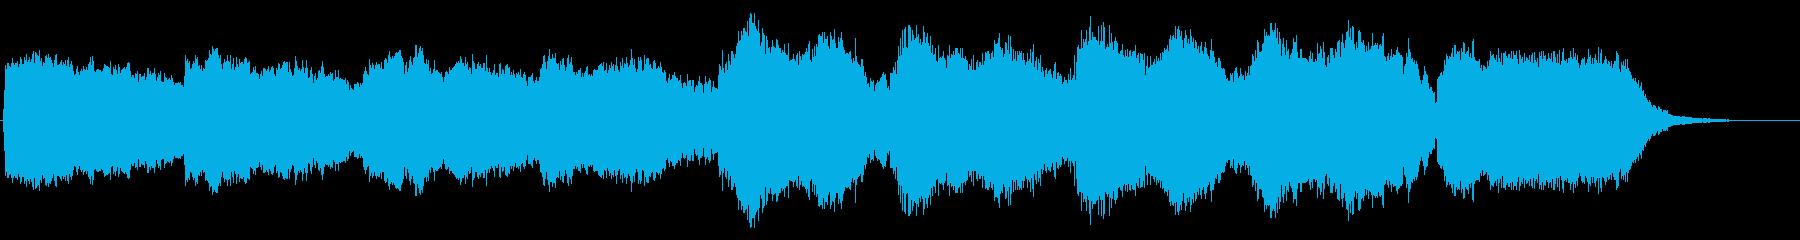 笛の響きが印象的な楽曲の再生済みの波形